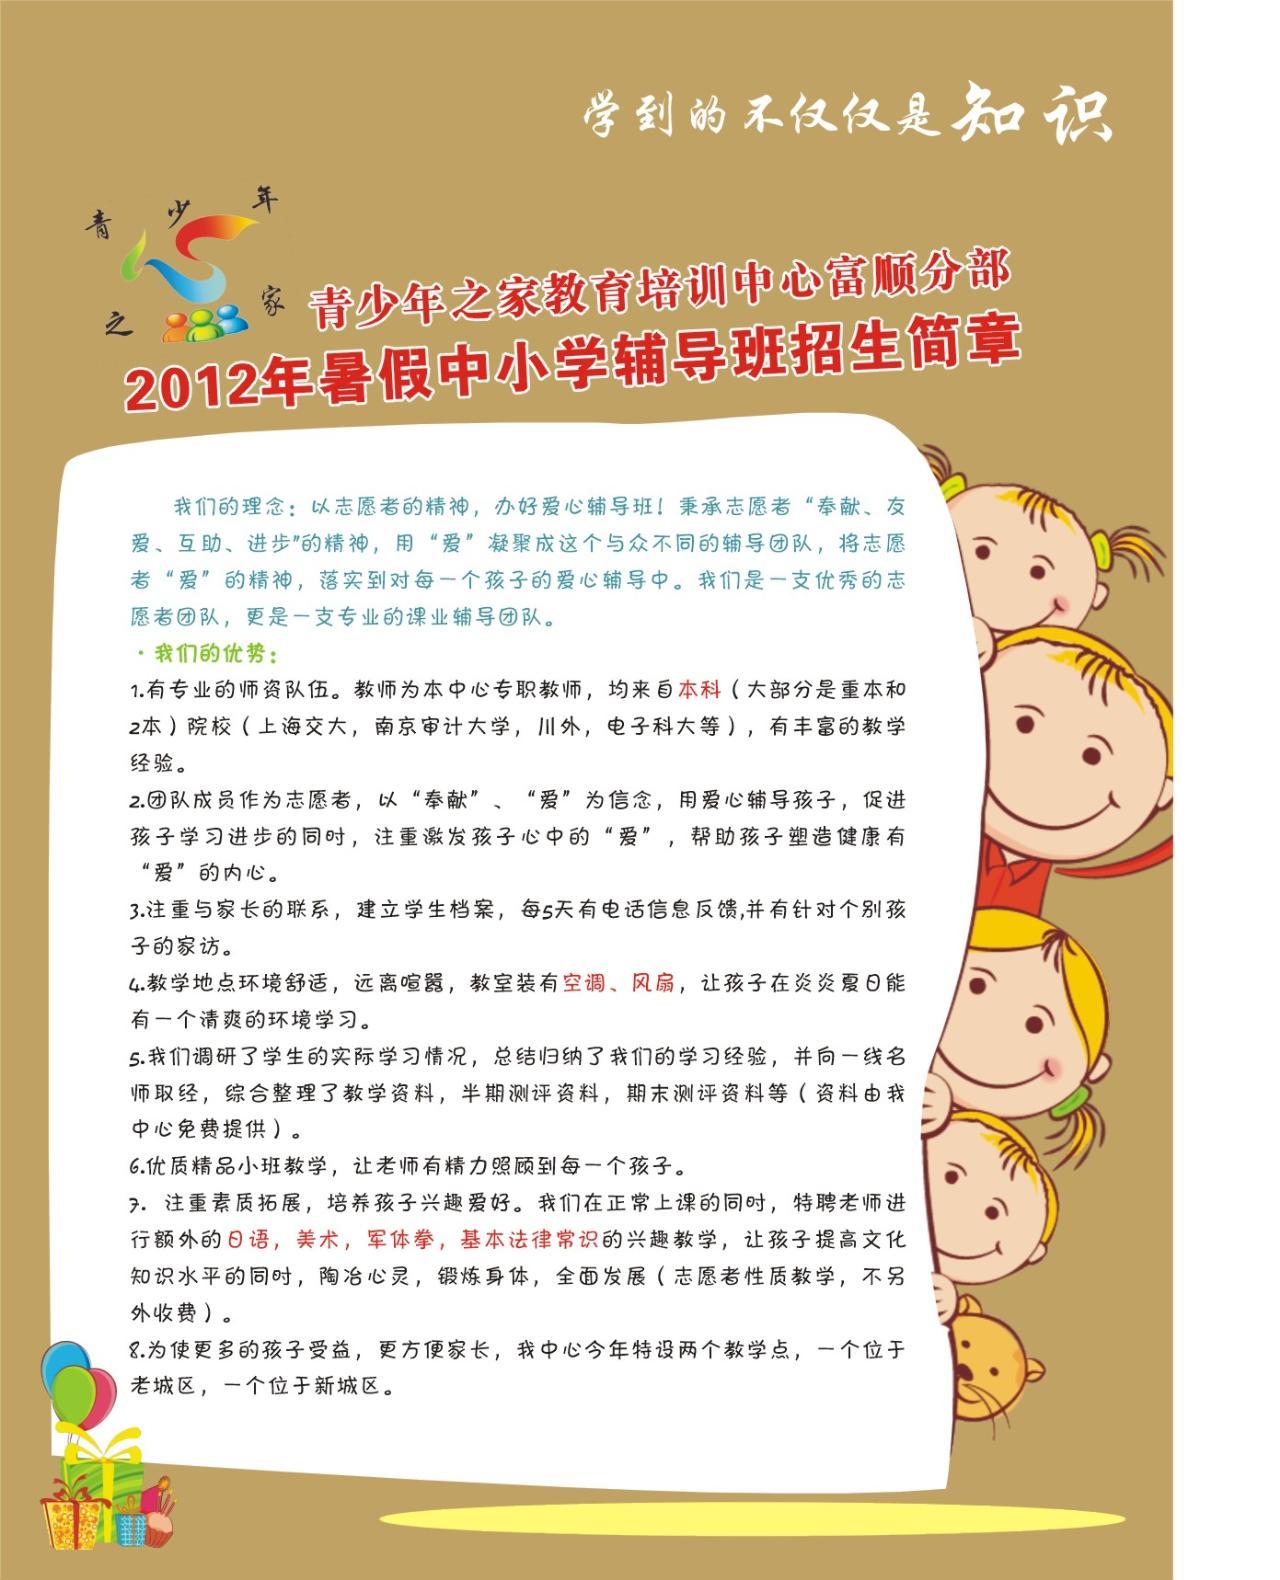 青少年之家教育培訓中心【暑期中小學輔導開班啦】!